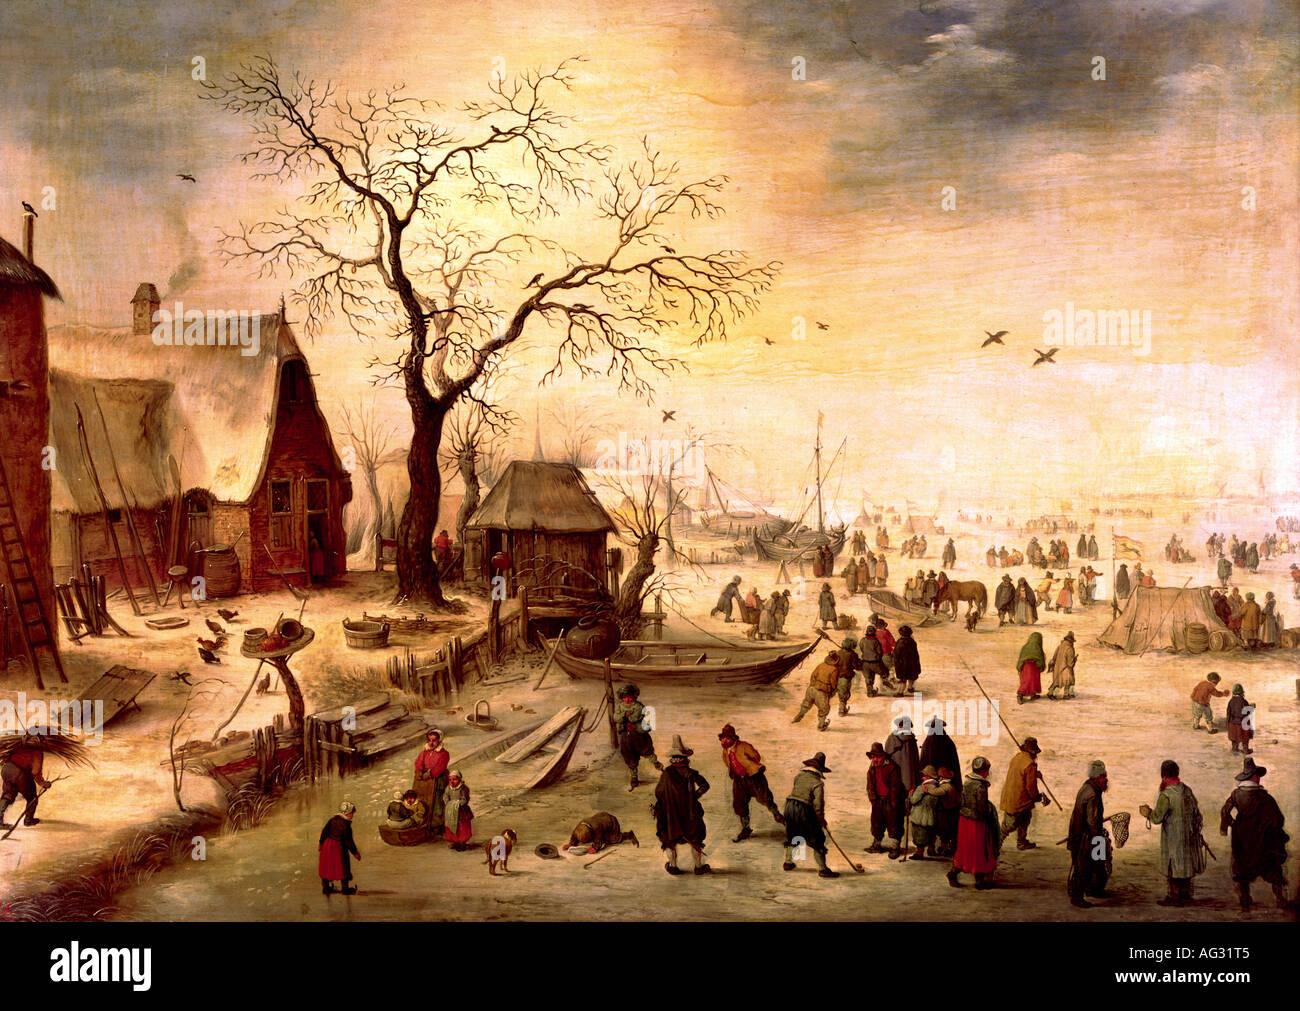 """Bellas artes, Pieter Snayers (circa 1592 - circa 1666), la pintura, la """"Escena de Invierno"""", del siglo XVII, 61 cm x 85,5 cm, Museo del Estado de Hesse, Kassel, Alemania, Picture Gallery """"Alte Meister"""", Copyright del artista no ha de ser borrado Imagen De Stock"""